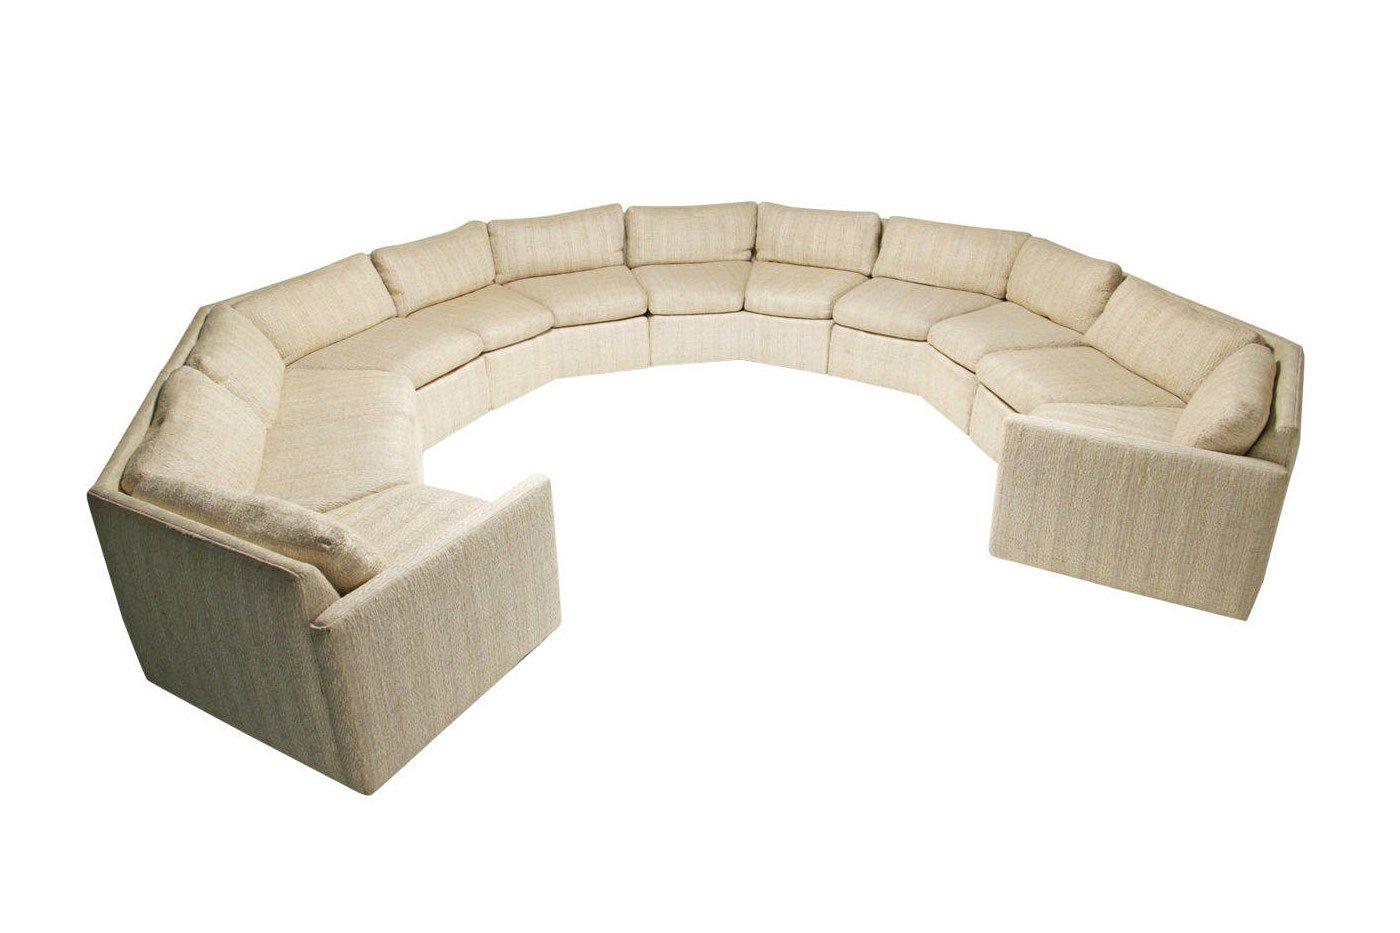 zusammengesetzes vintage tweed sofa bei pamono kaufen. Black Bedroom Furniture Sets. Home Design Ideas